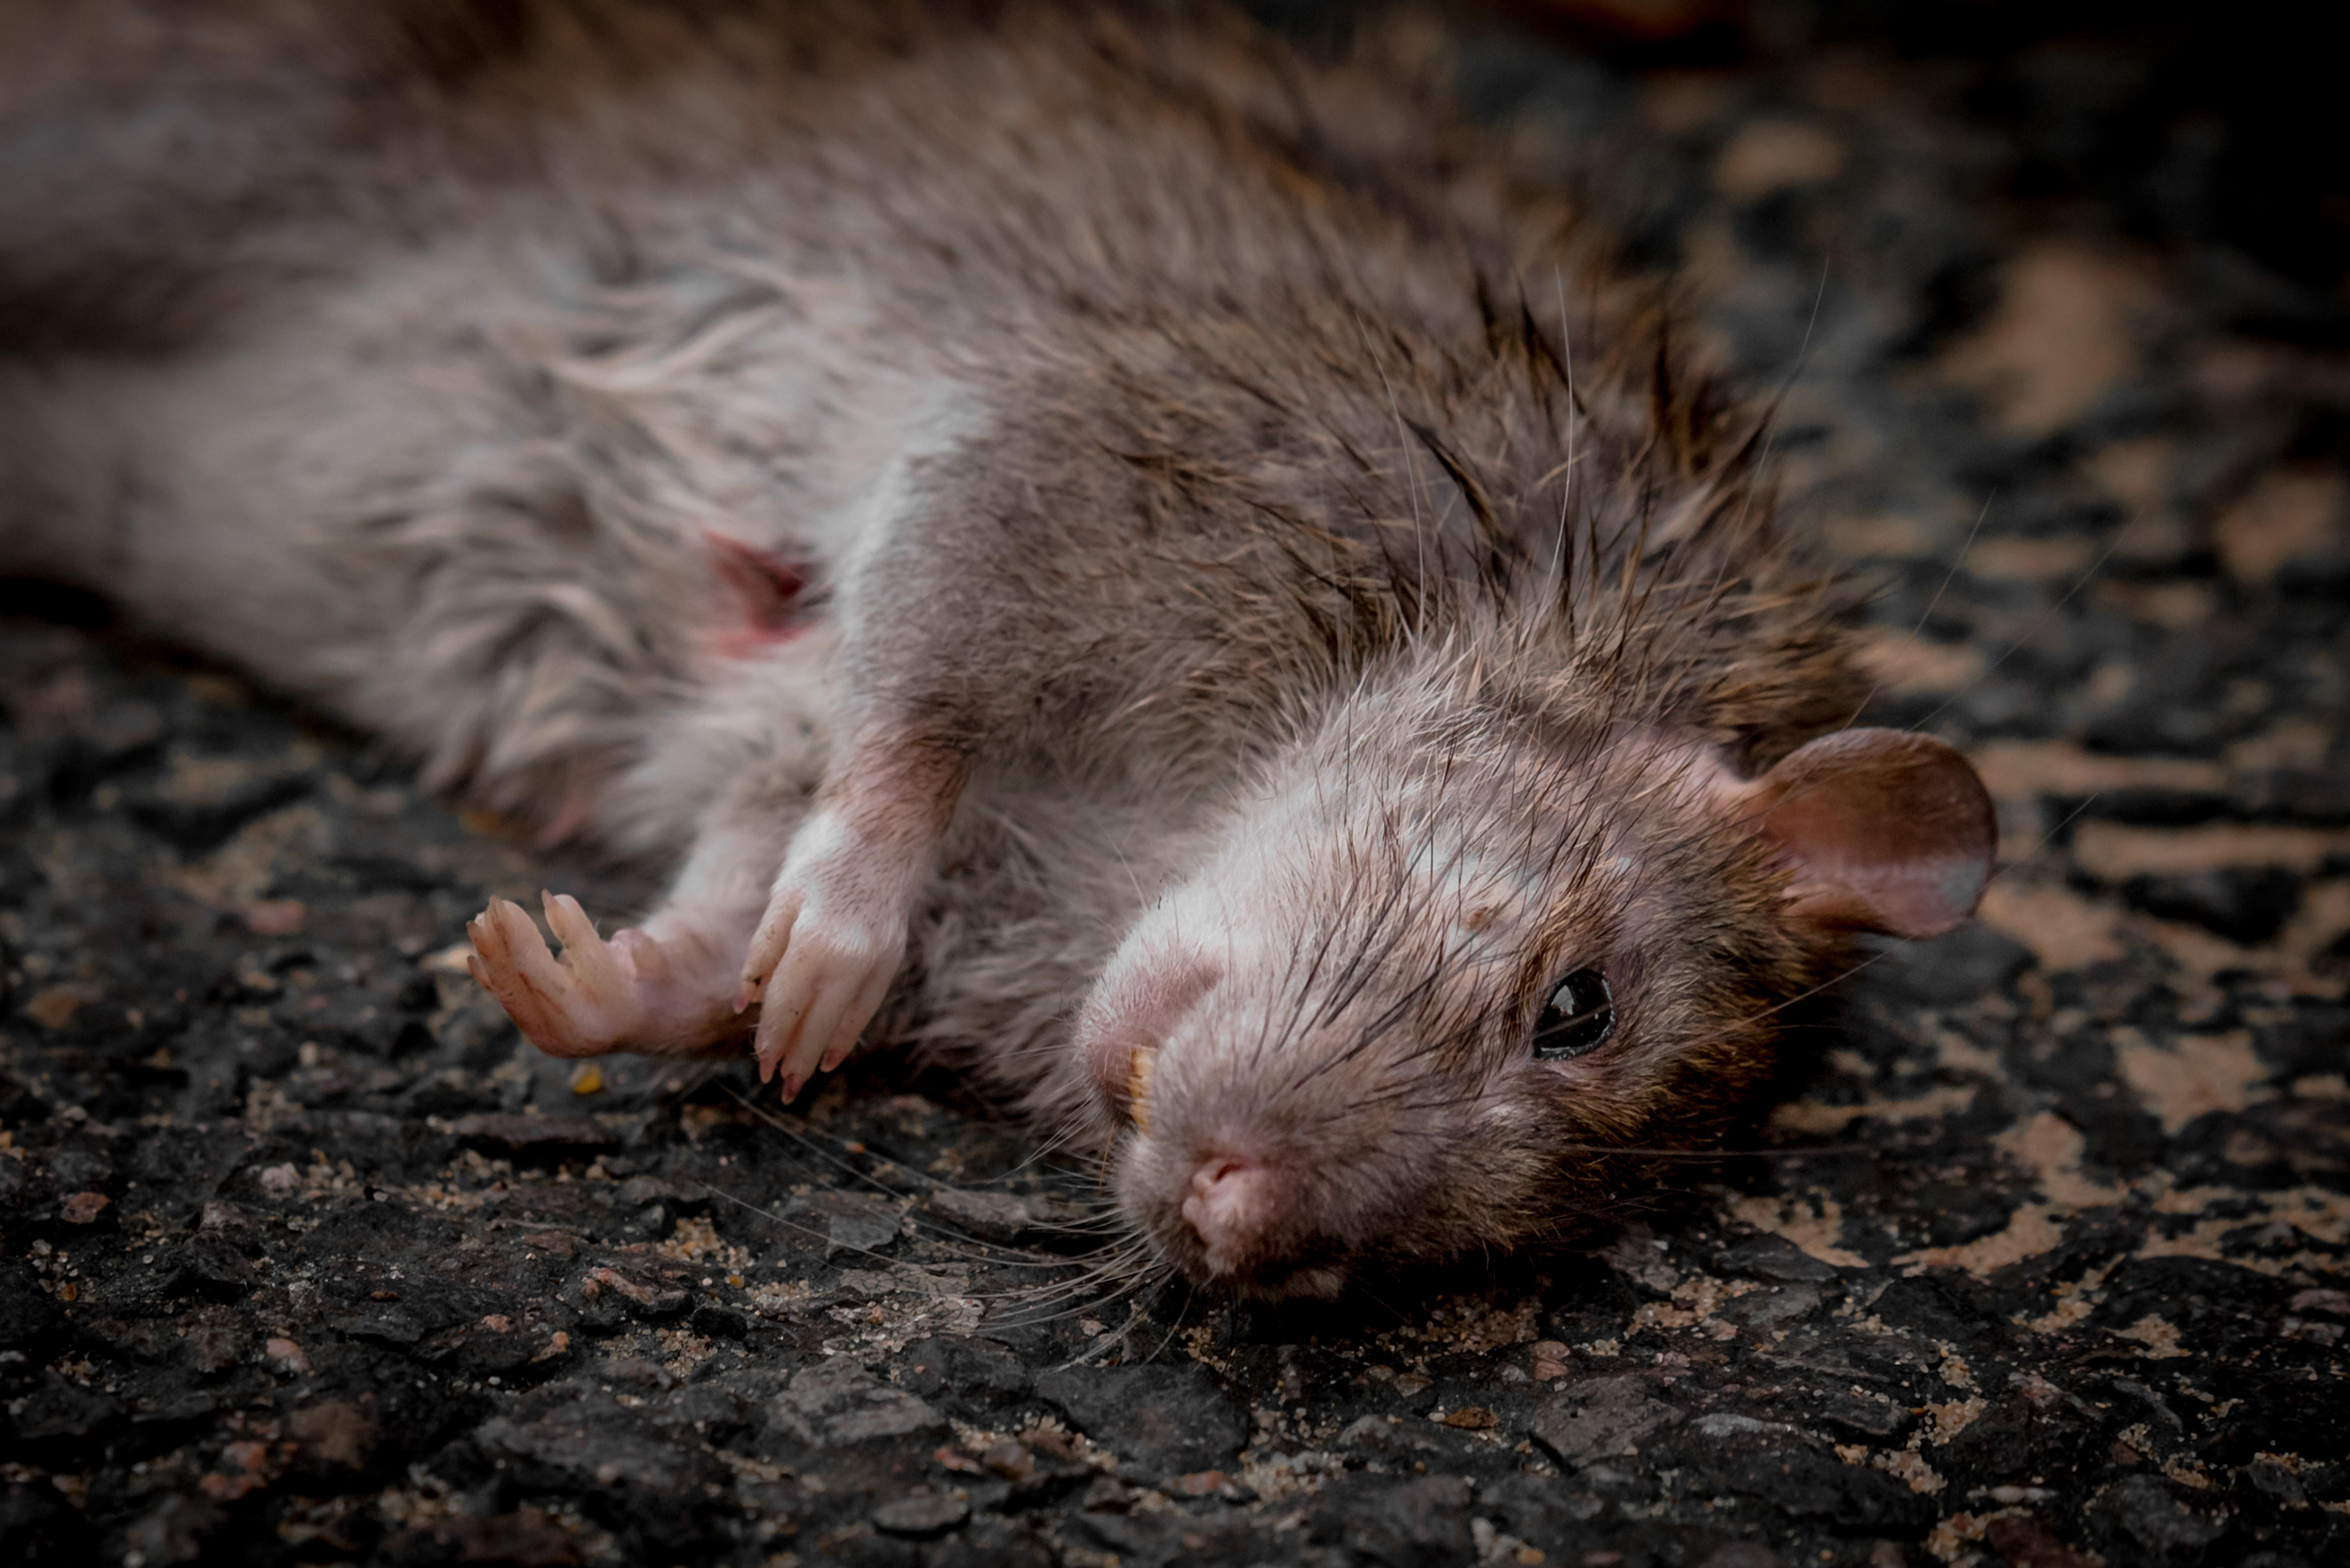 Photographie (portrait) de rat commun réalisée par Baptiste Leroy, photographe en Bretagne (Londres)